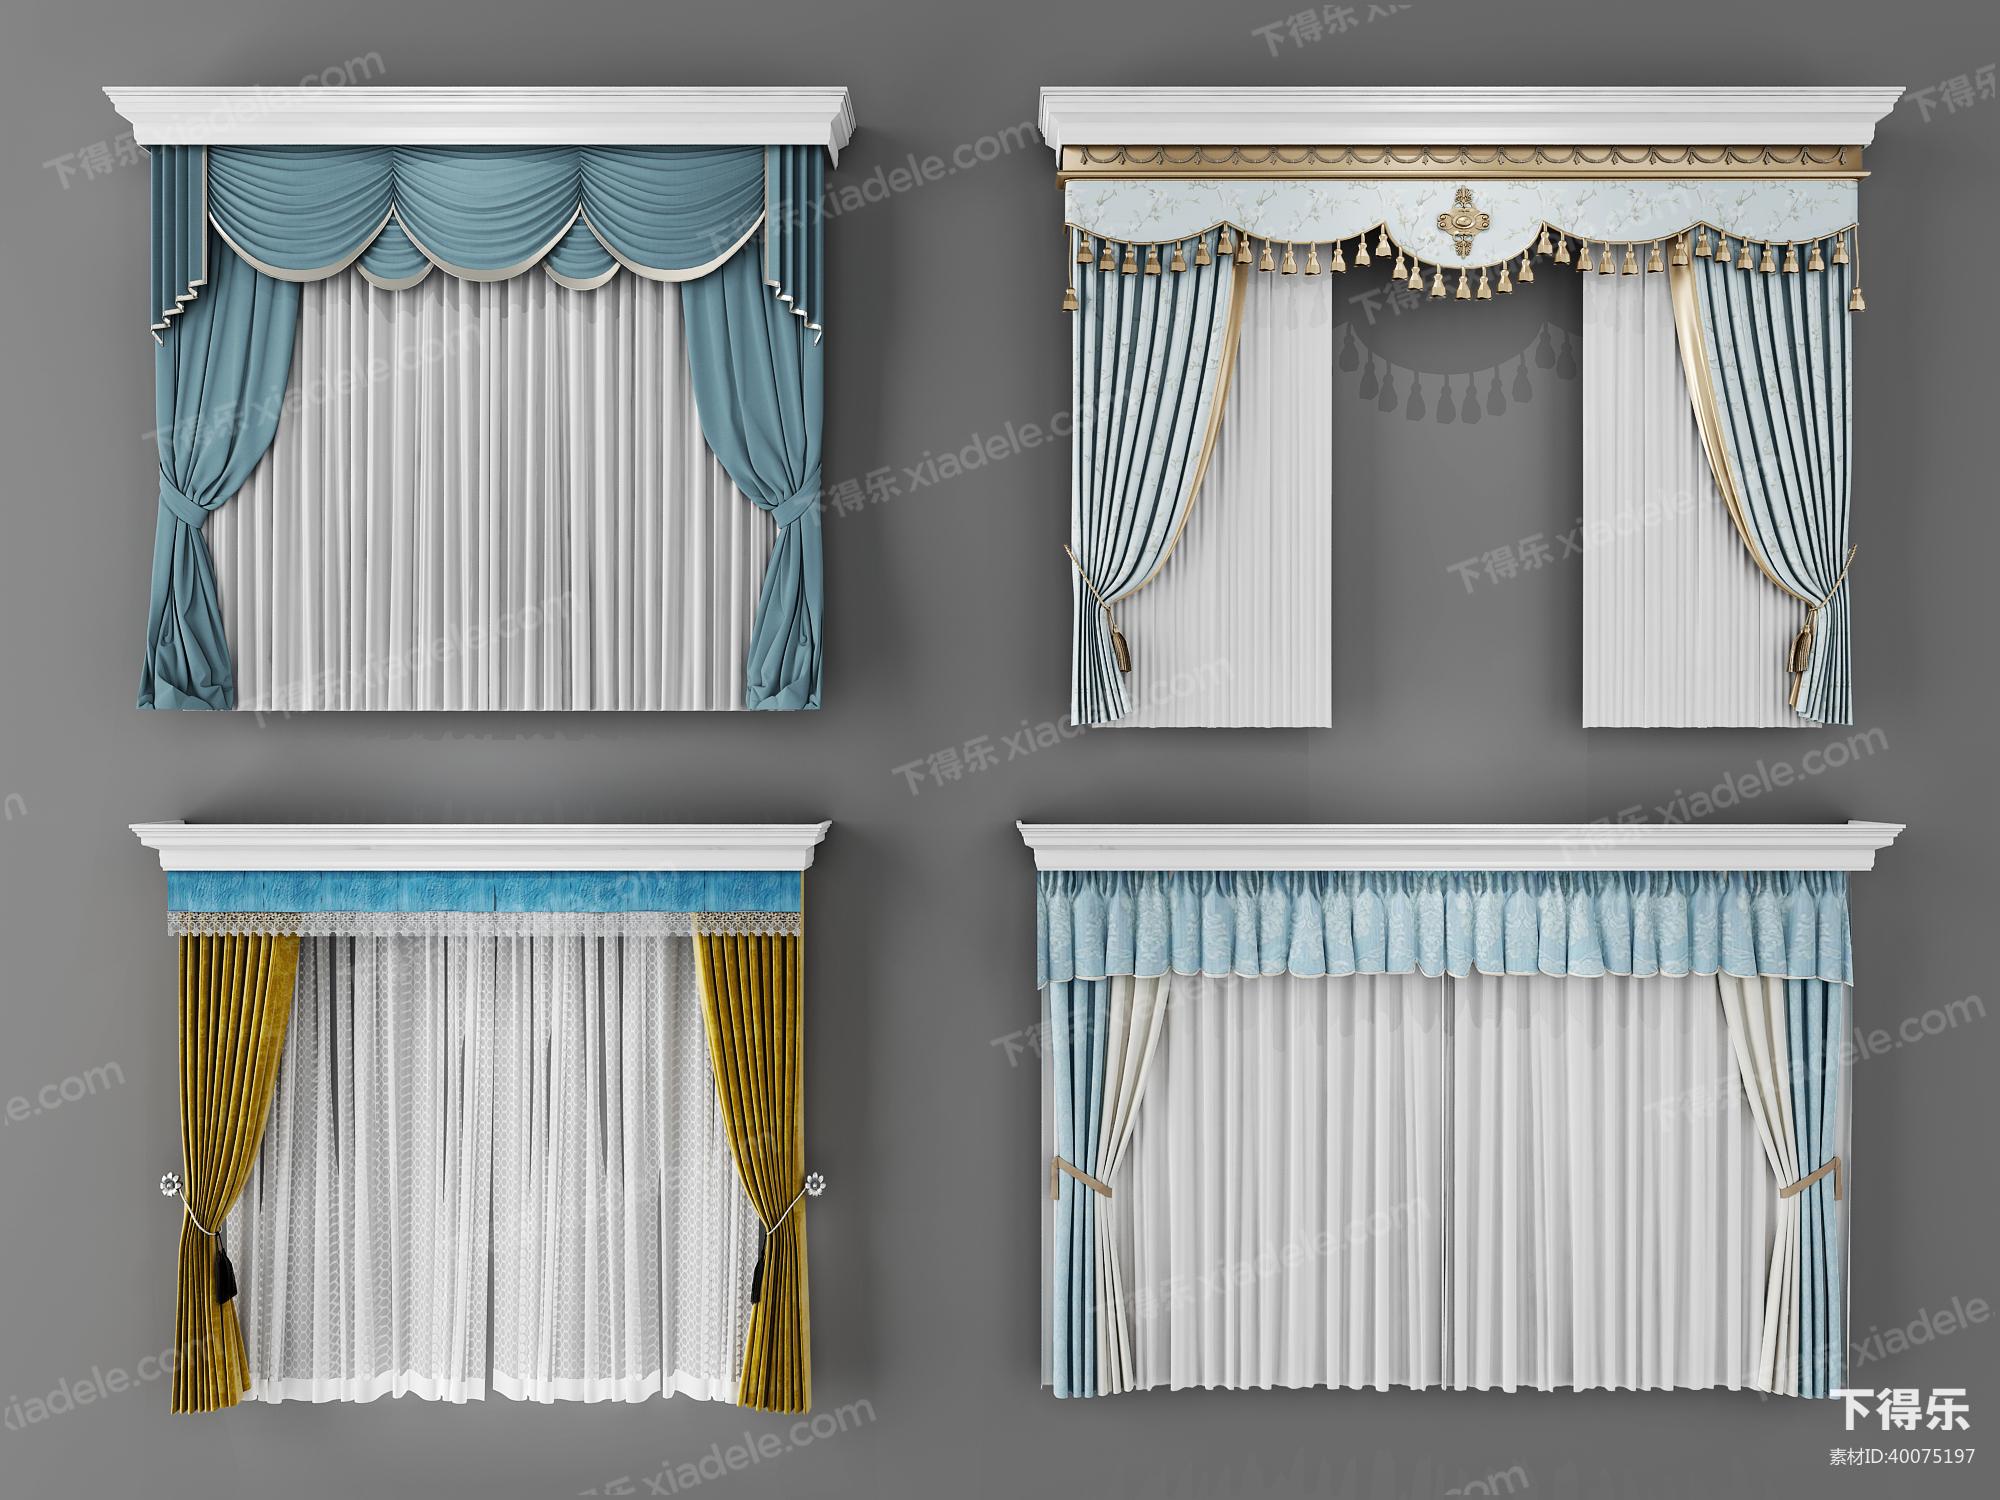 欧式窗帘效果图_3d窗帘模型_窗帘3d模型下载-下得乐